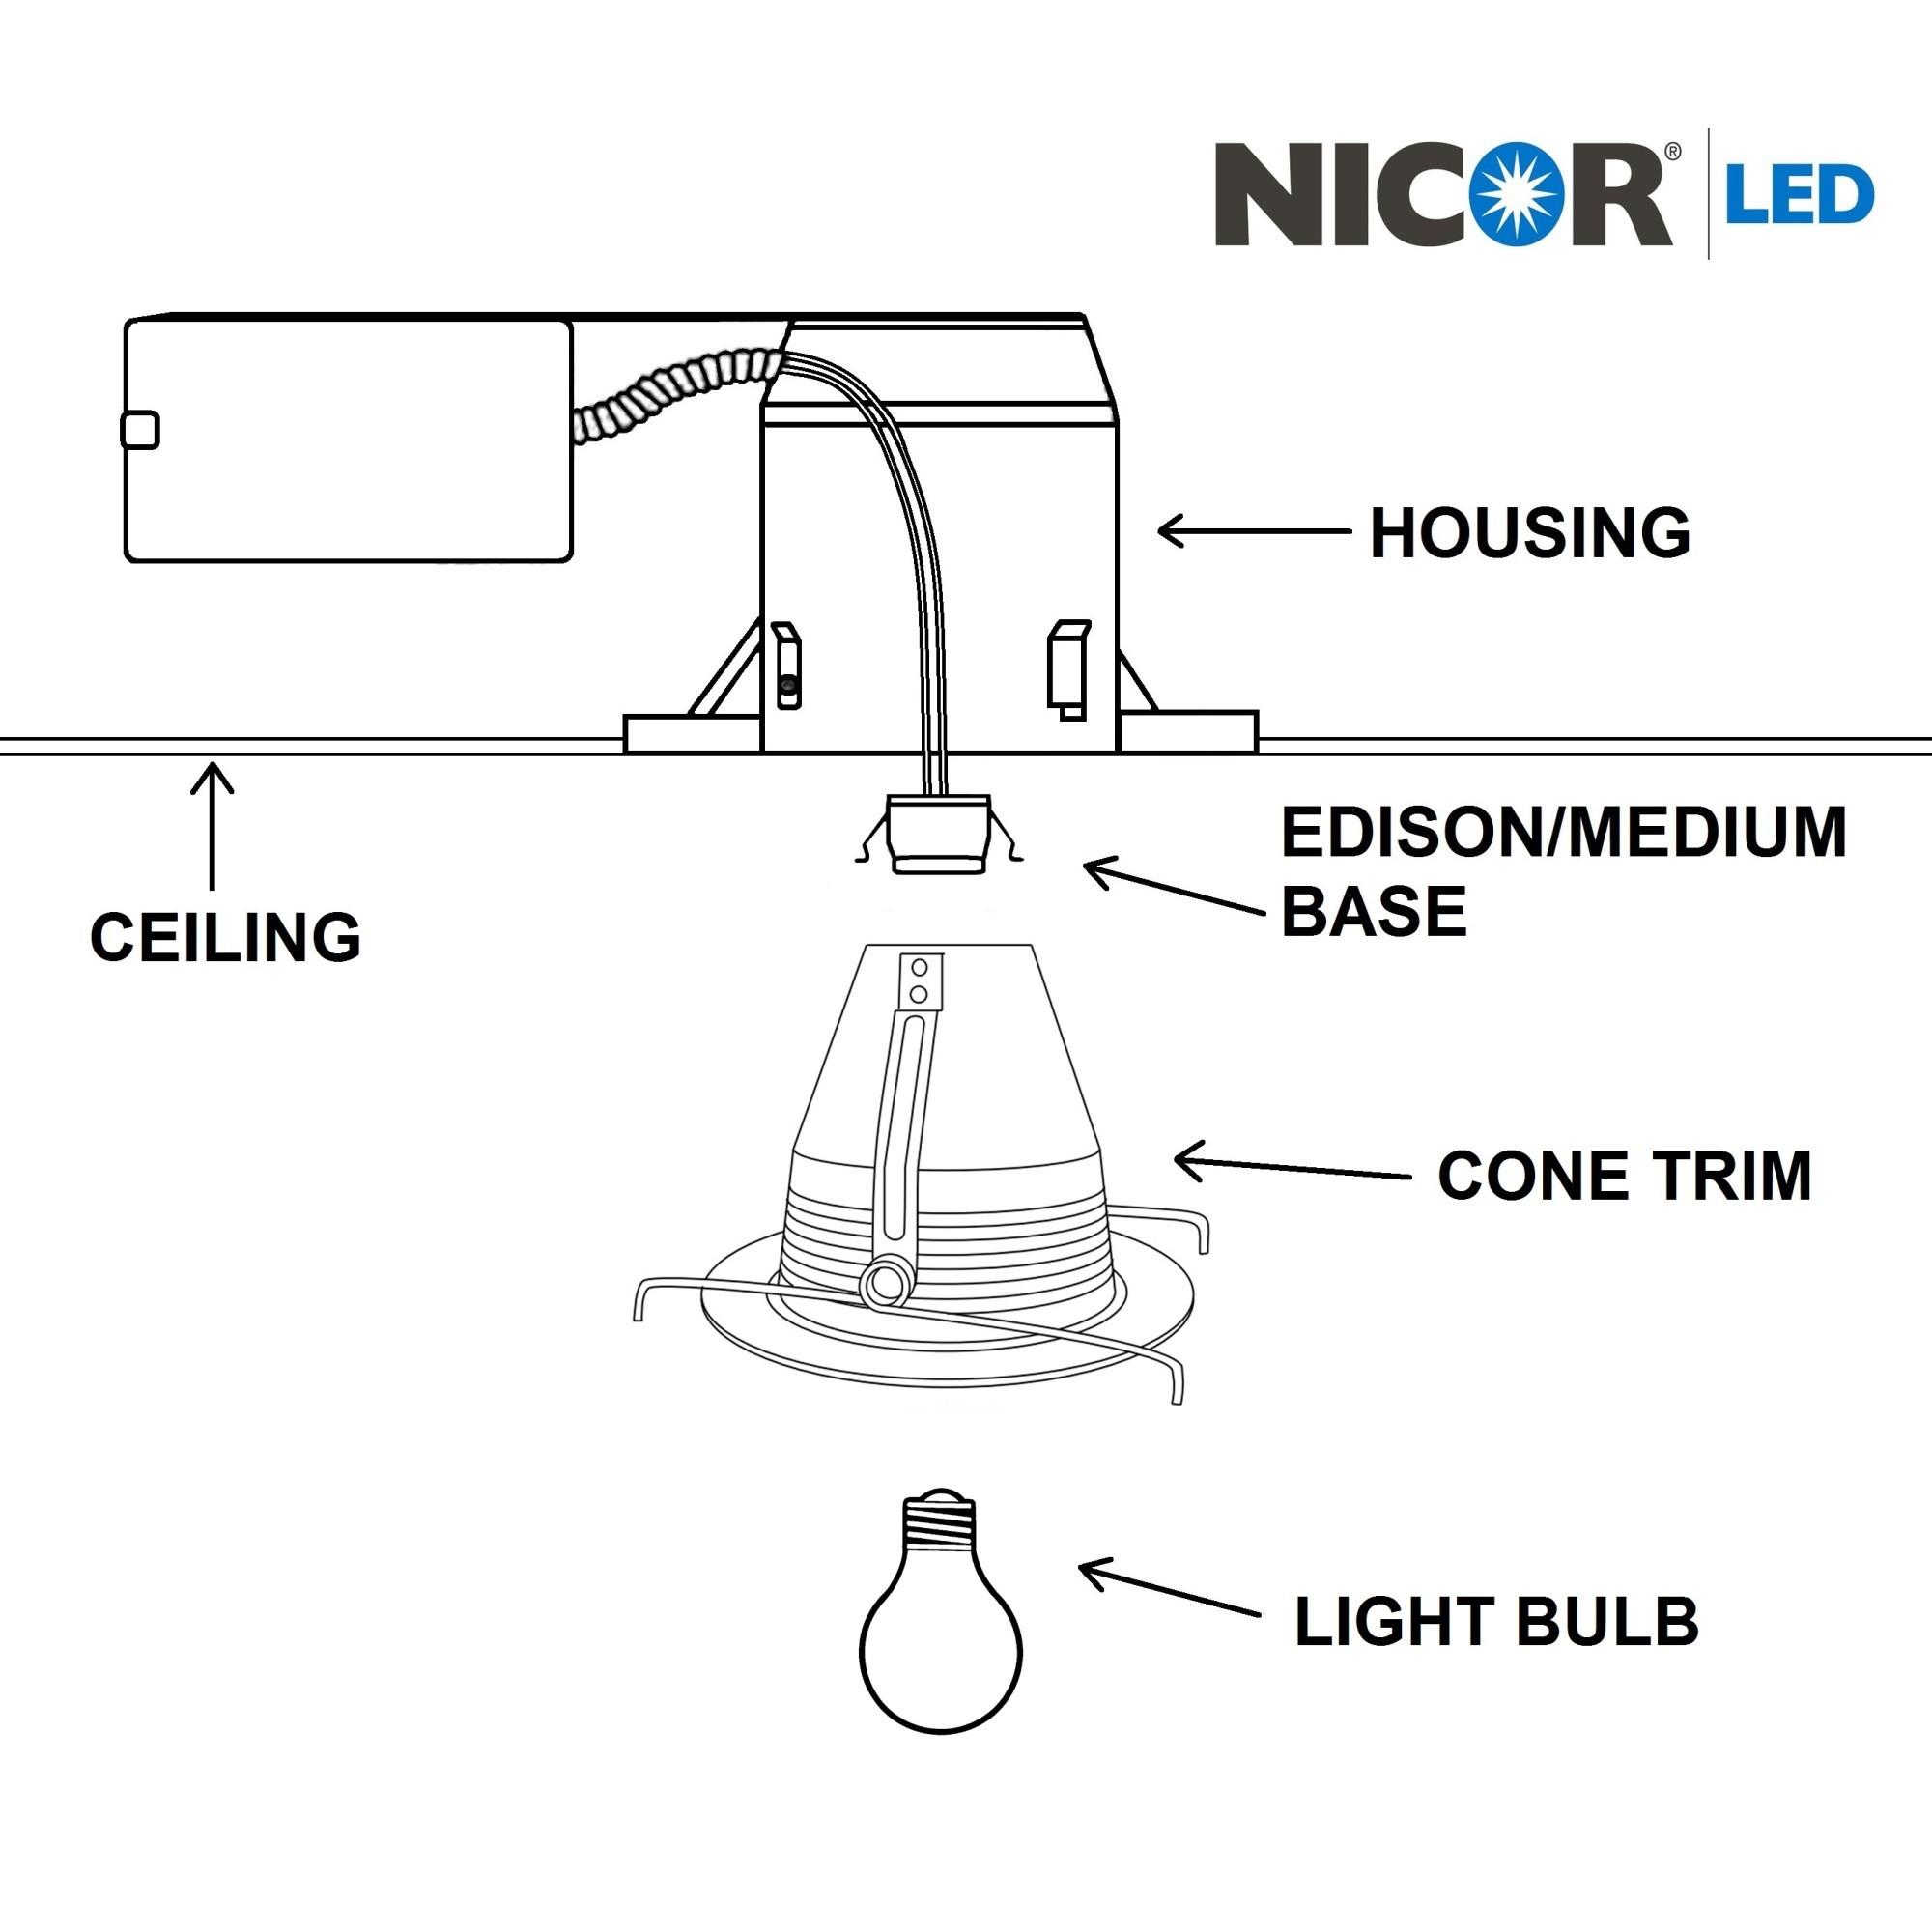 Nicor A 6 Inch R40 Cone Baffle Trim